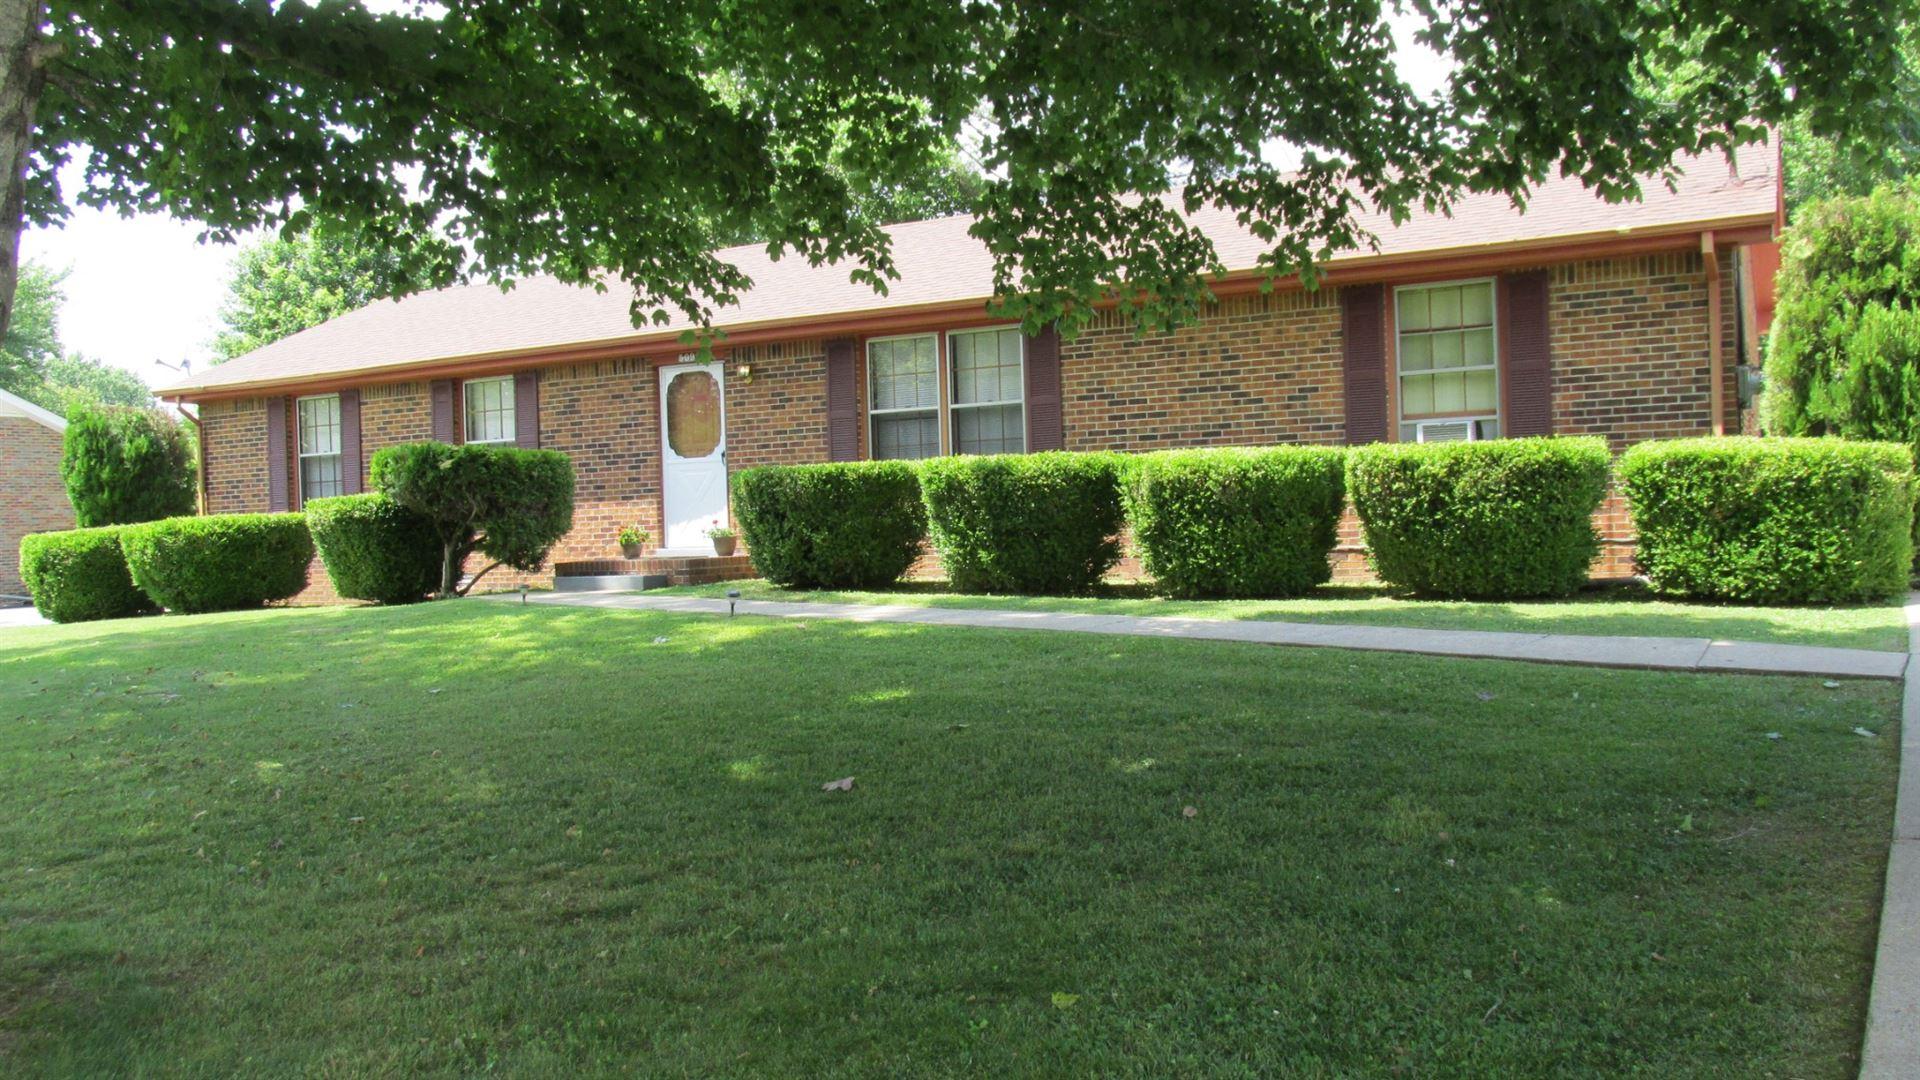 509 Cheatham Dr SE, Clarksville, TN 37042 - MLS#: 2263490